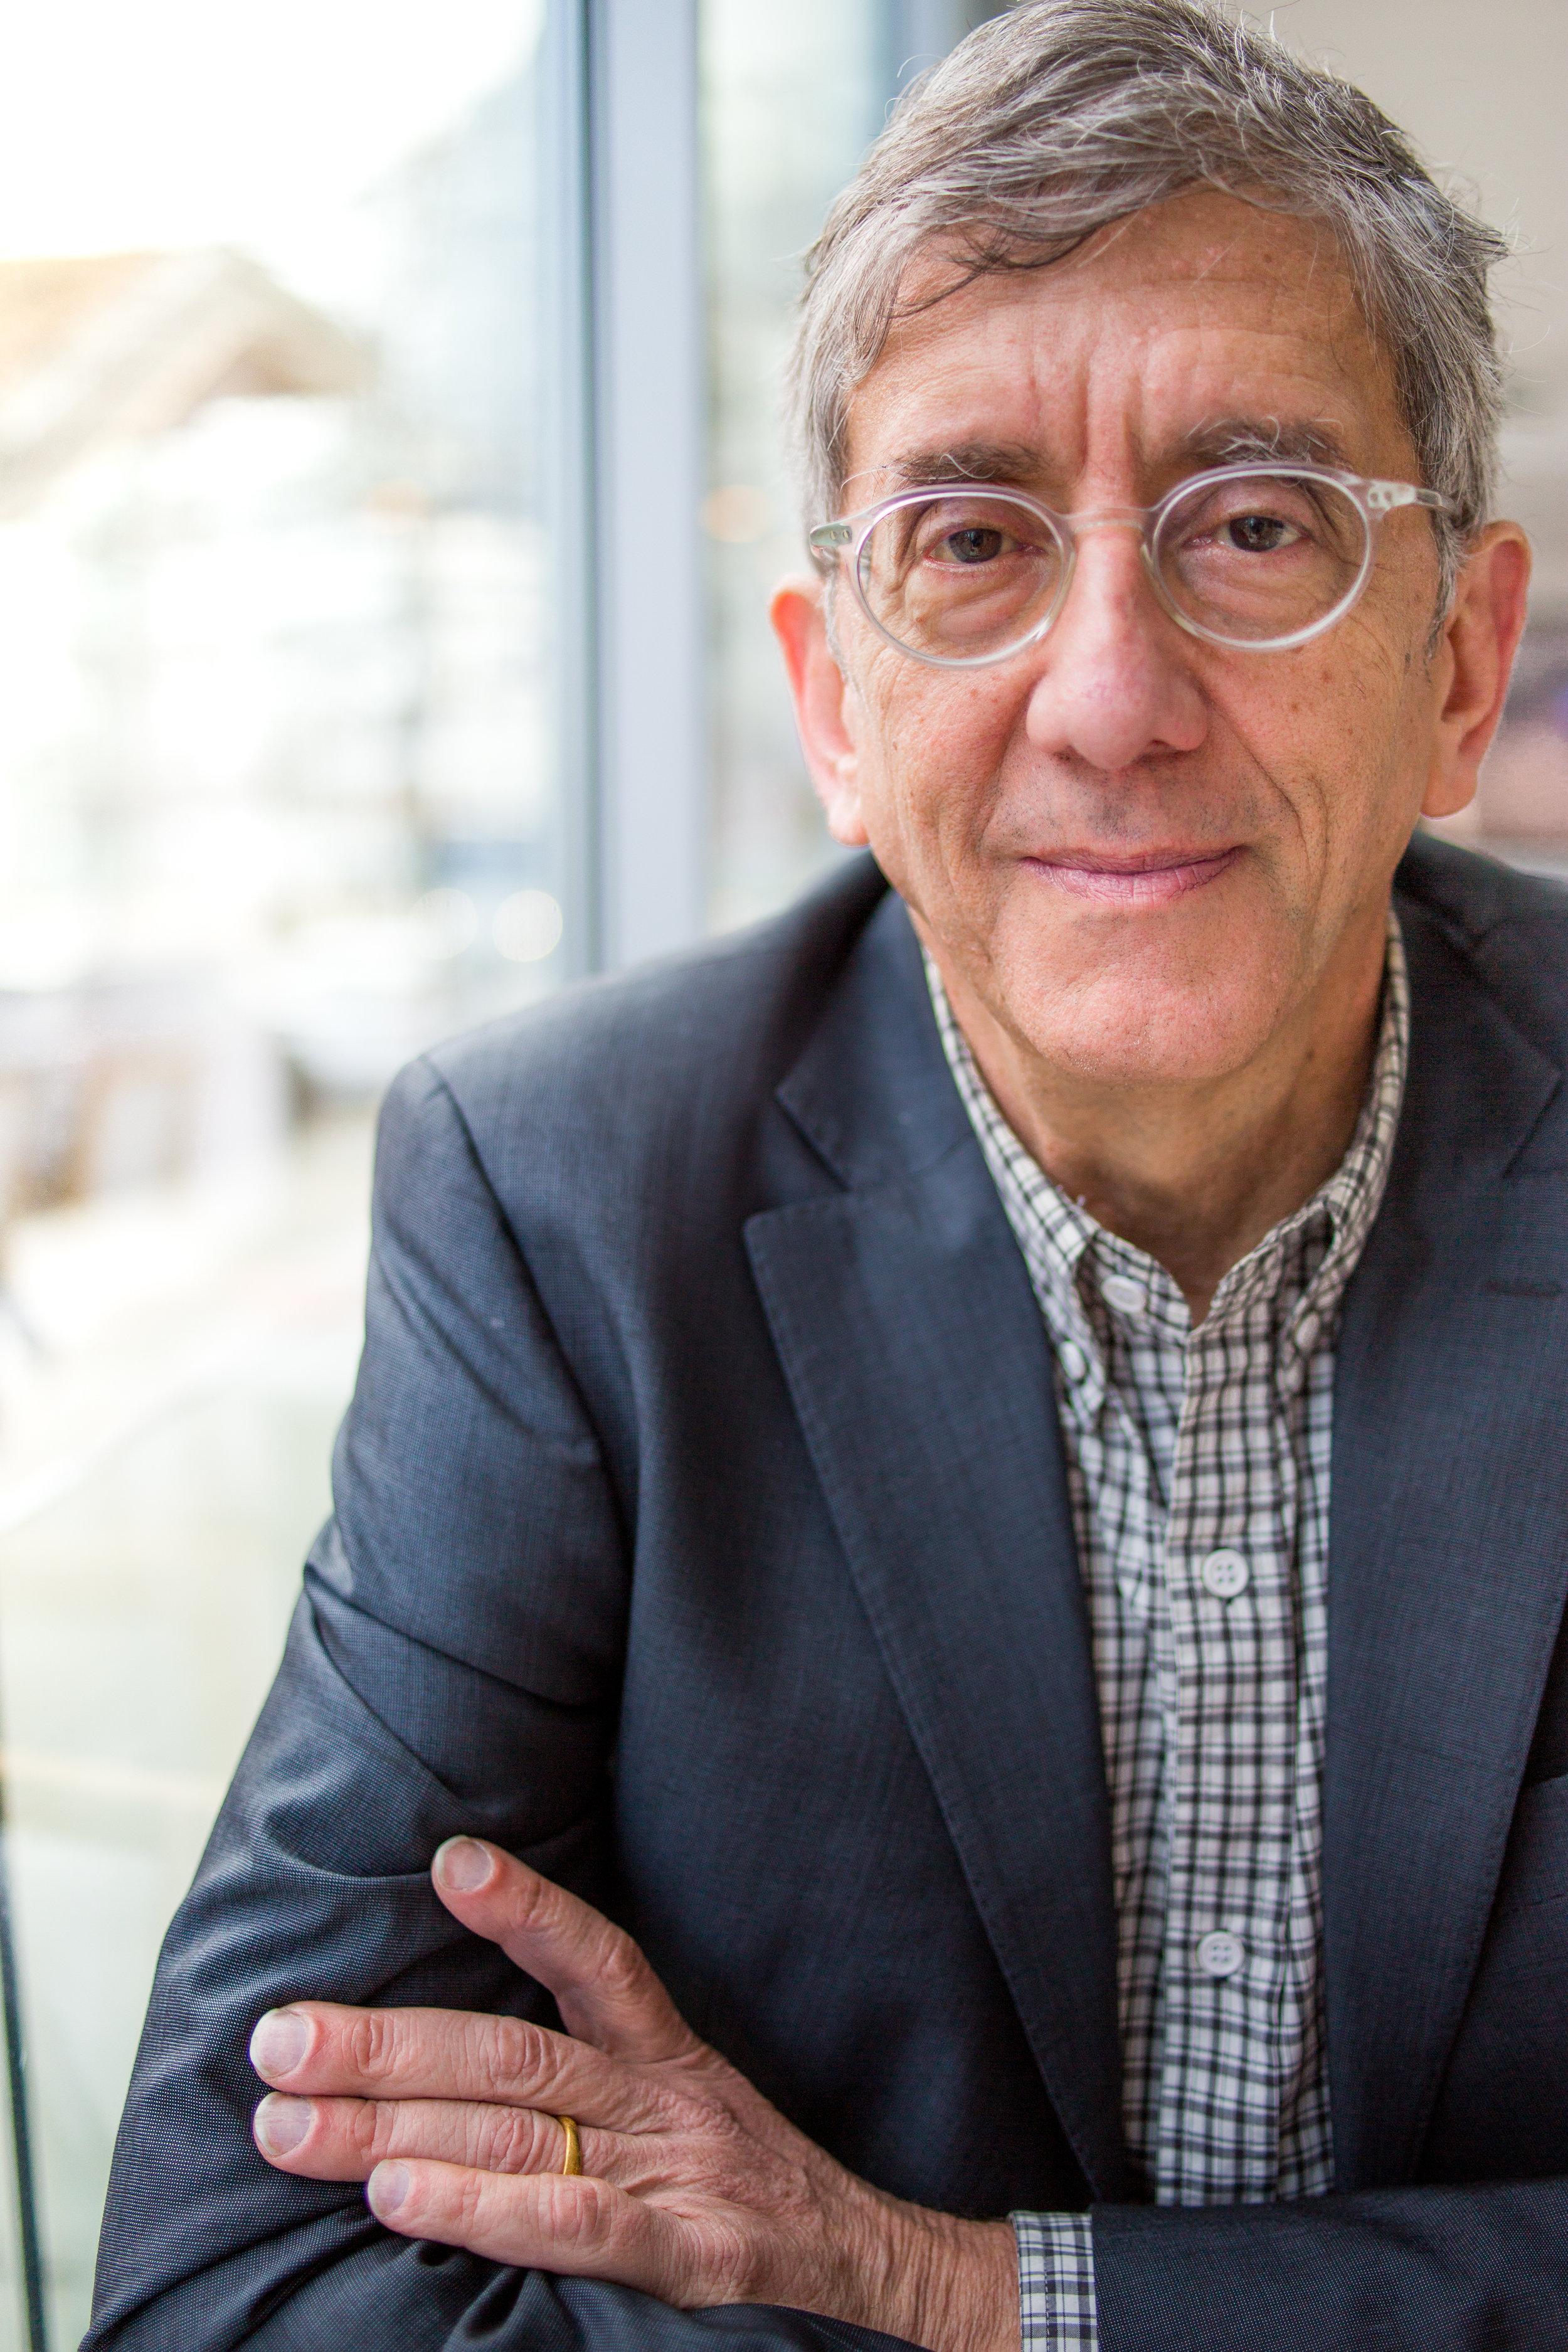 Joel Solomon - Author of The Clean Money Revolution